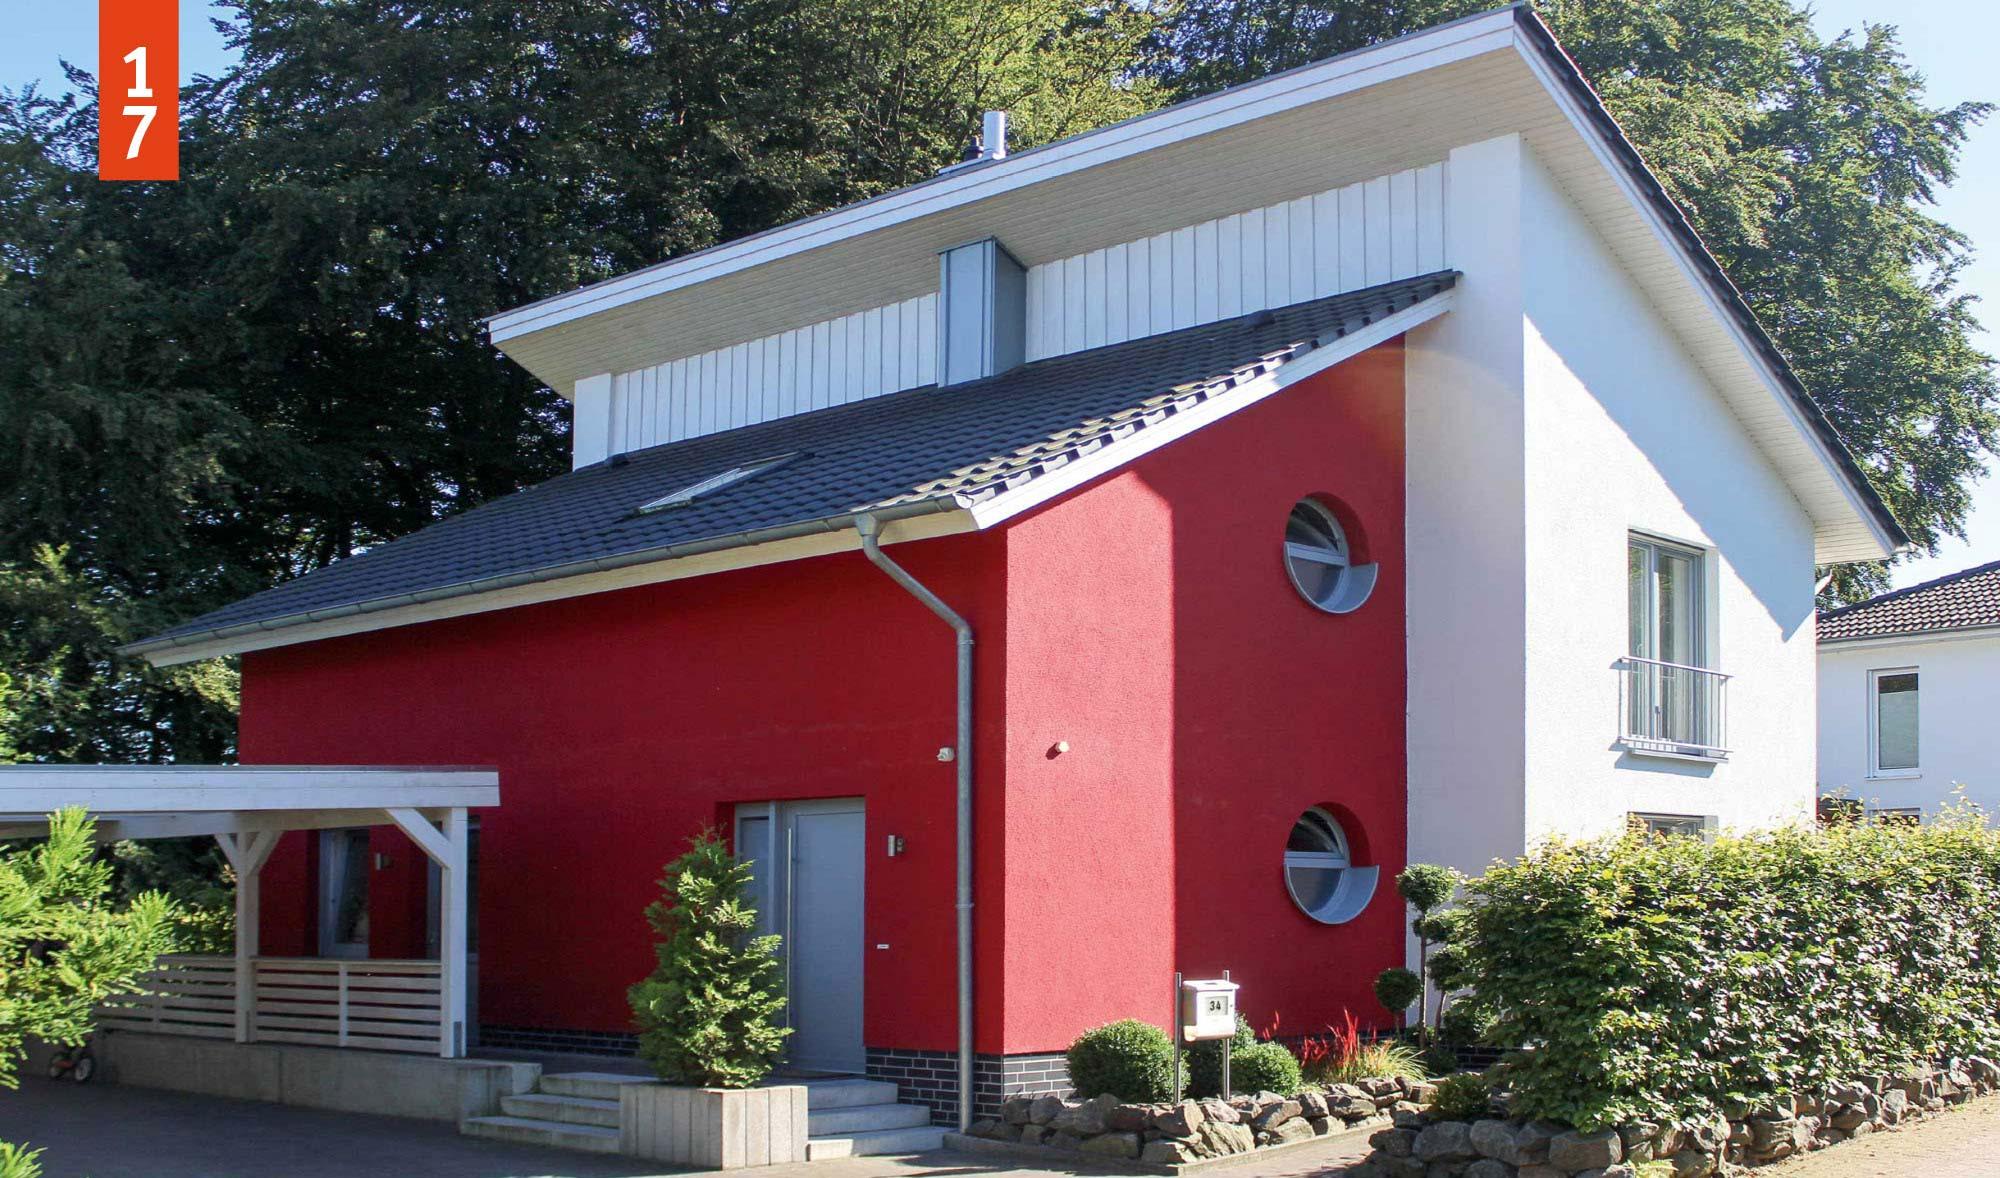 ambiente pultdachhaus 150 qm grundriss schl sselfertig bauen. Black Bedroom Furniture Sets. Home Design Ideas